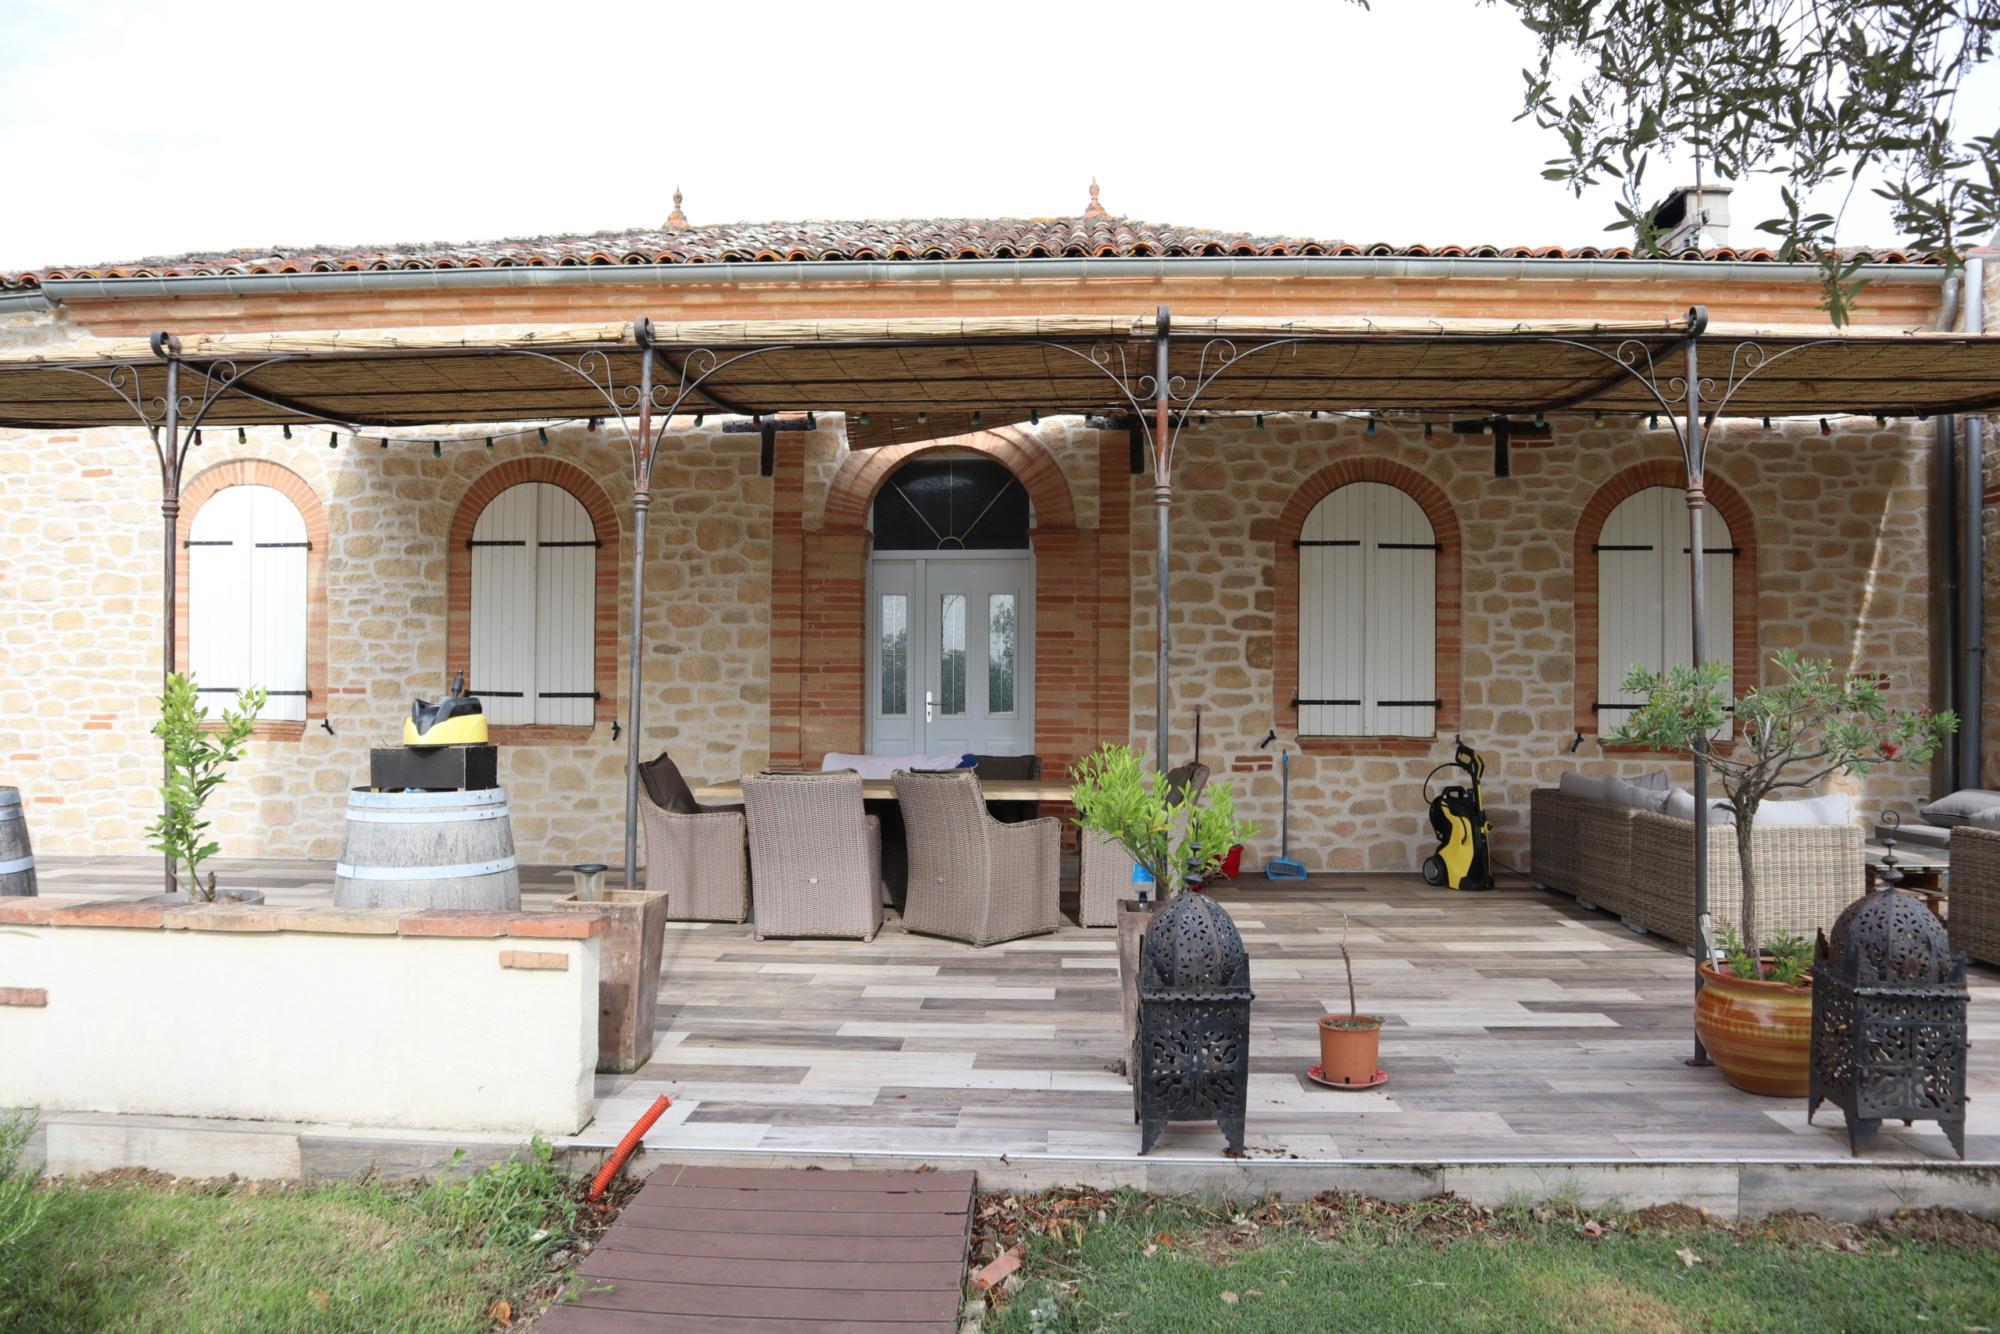 Rénovation d'une bâtisse, imitation pierres et briquettes,Toulouse, Haute-Garonne.